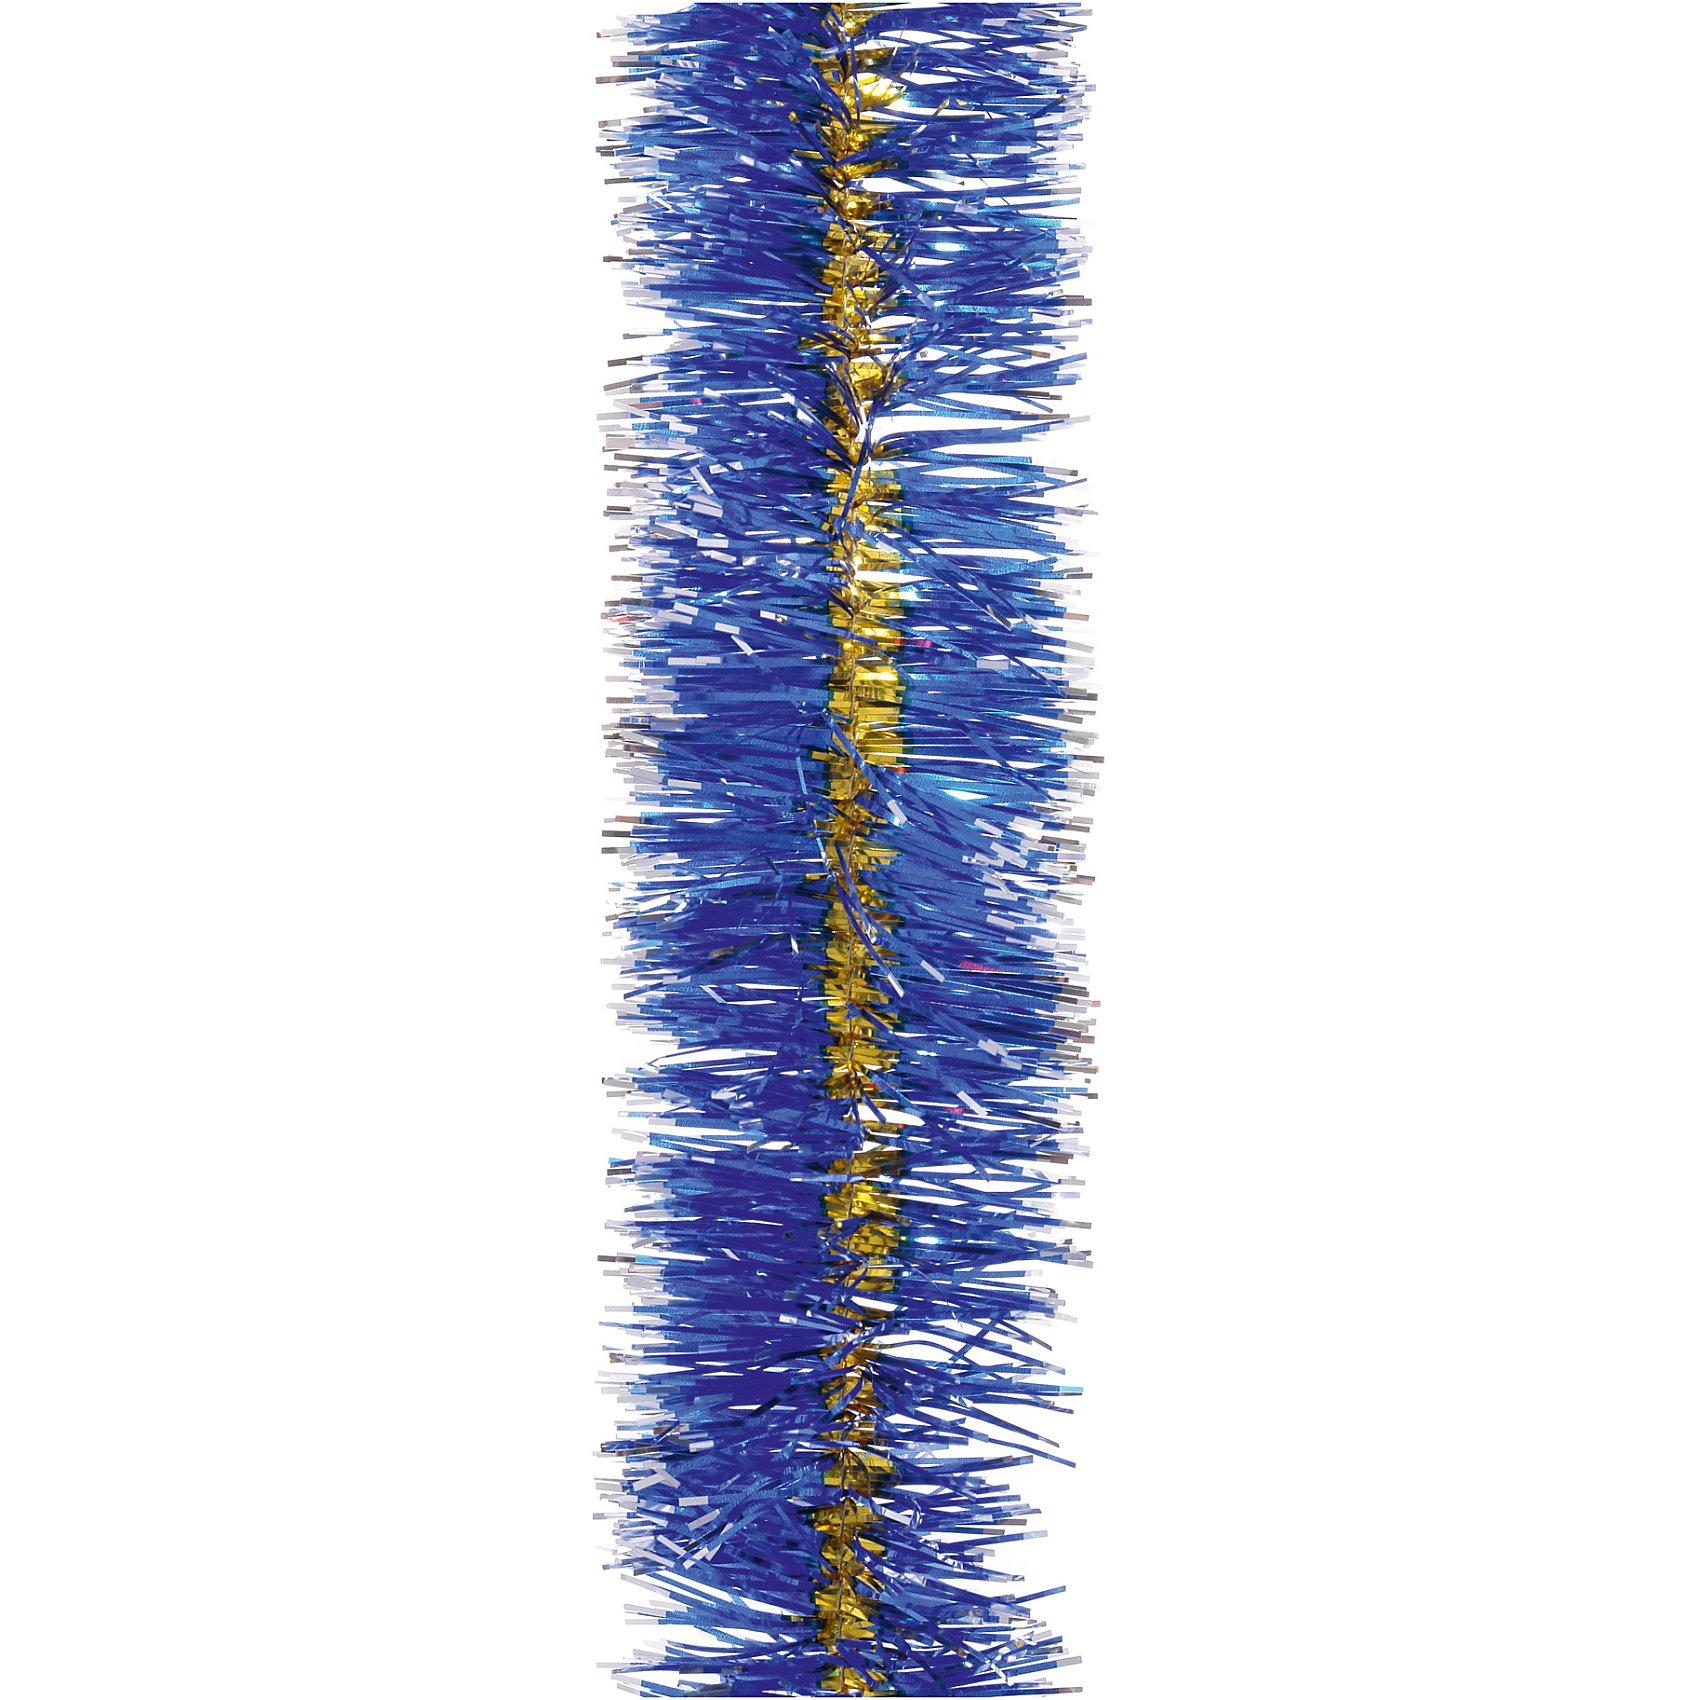 Мишура 4 слоя, 7 см х 2 м, цвет - синий+золотоМишура H-2007, Волшебная страна станет замечательным украшением Вашей новогодней елки или интерьера и поможет создать праздничную волшебную атмосферу. Мишура<br>красивого синего цвета с золотой отделкой состоит из четырех слоев, она будет чудесно смотреться на елке и радовать детей и взрослых. <br><br>Дополнительная информация:<br><br>- Цвет: синий + золото.<br>- Размер мишуры: 7 см. х 2 м.<br>- Вес: 45 гр. <br><br>Мишуру H-2007, 4 слоя, Волшебная страна можно купить в нашем интернет-магазине.<br><br>Ширина мм: 500<br>Глубина мм: 70<br>Высота мм: 70<br>Вес г: 45<br>Возраст от месяцев: 60<br>Возраст до месяцев: 180<br>Пол: Унисекс<br>Возраст: Детский<br>SKU: 3791406